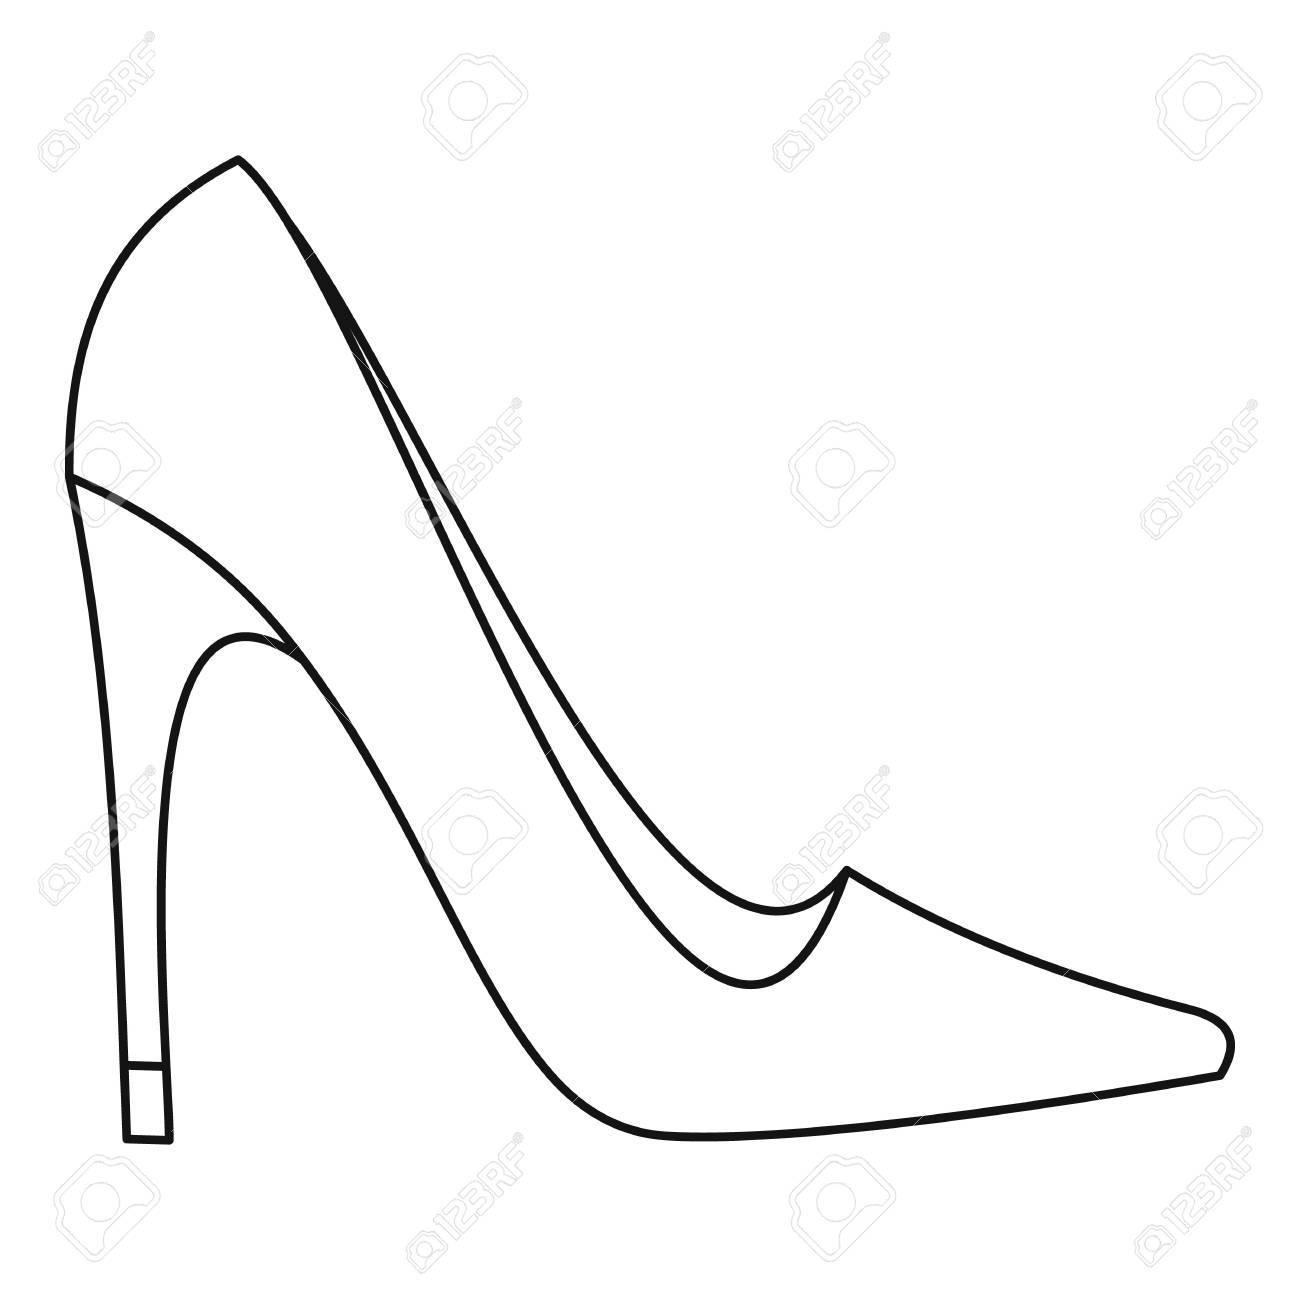 9dff5f9cd34ece Banque d'images - Icône de chaussure à talons hauts femmes élégantes.  Décrire l'illustration de l'icône de vecteur élégante chaussure talon haut  femmes pour ...